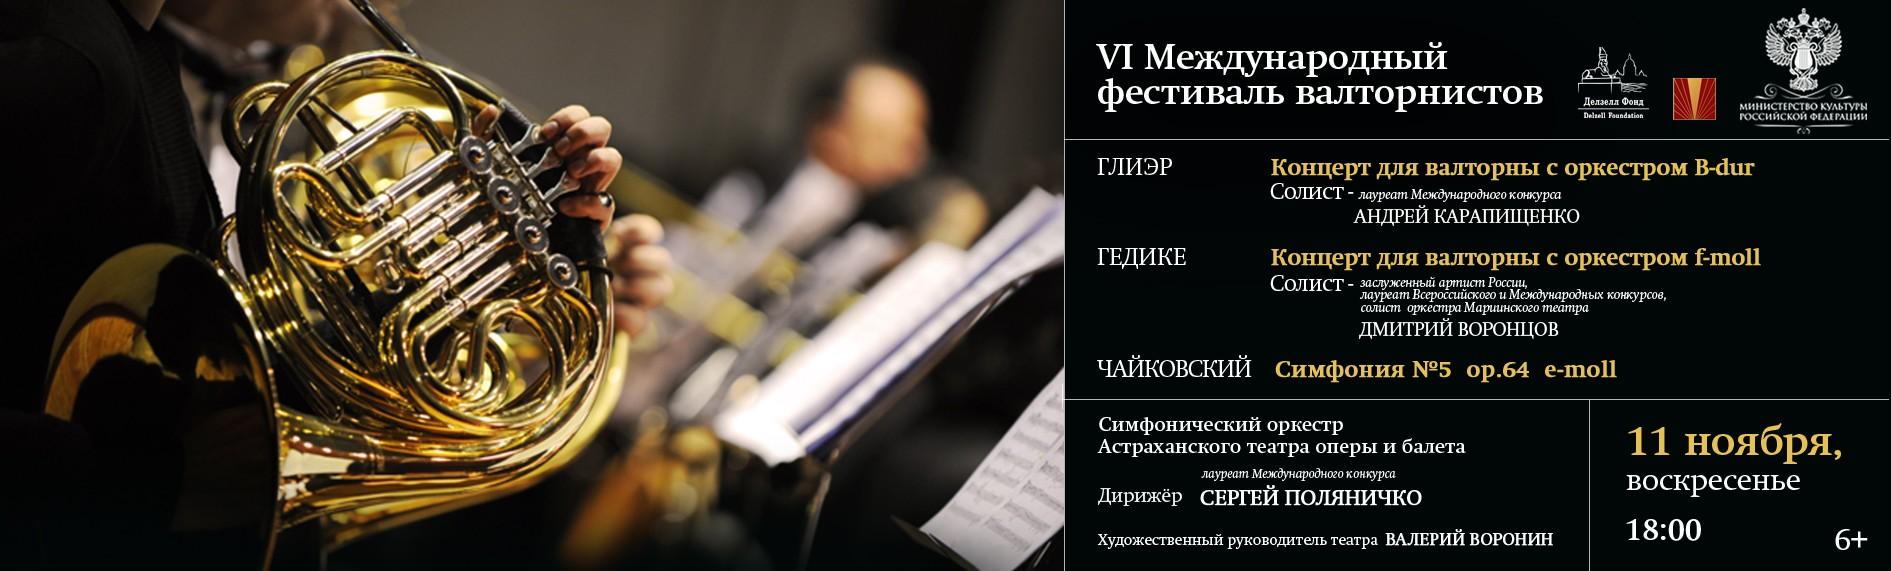 VI Международный фестиваль валторнистов